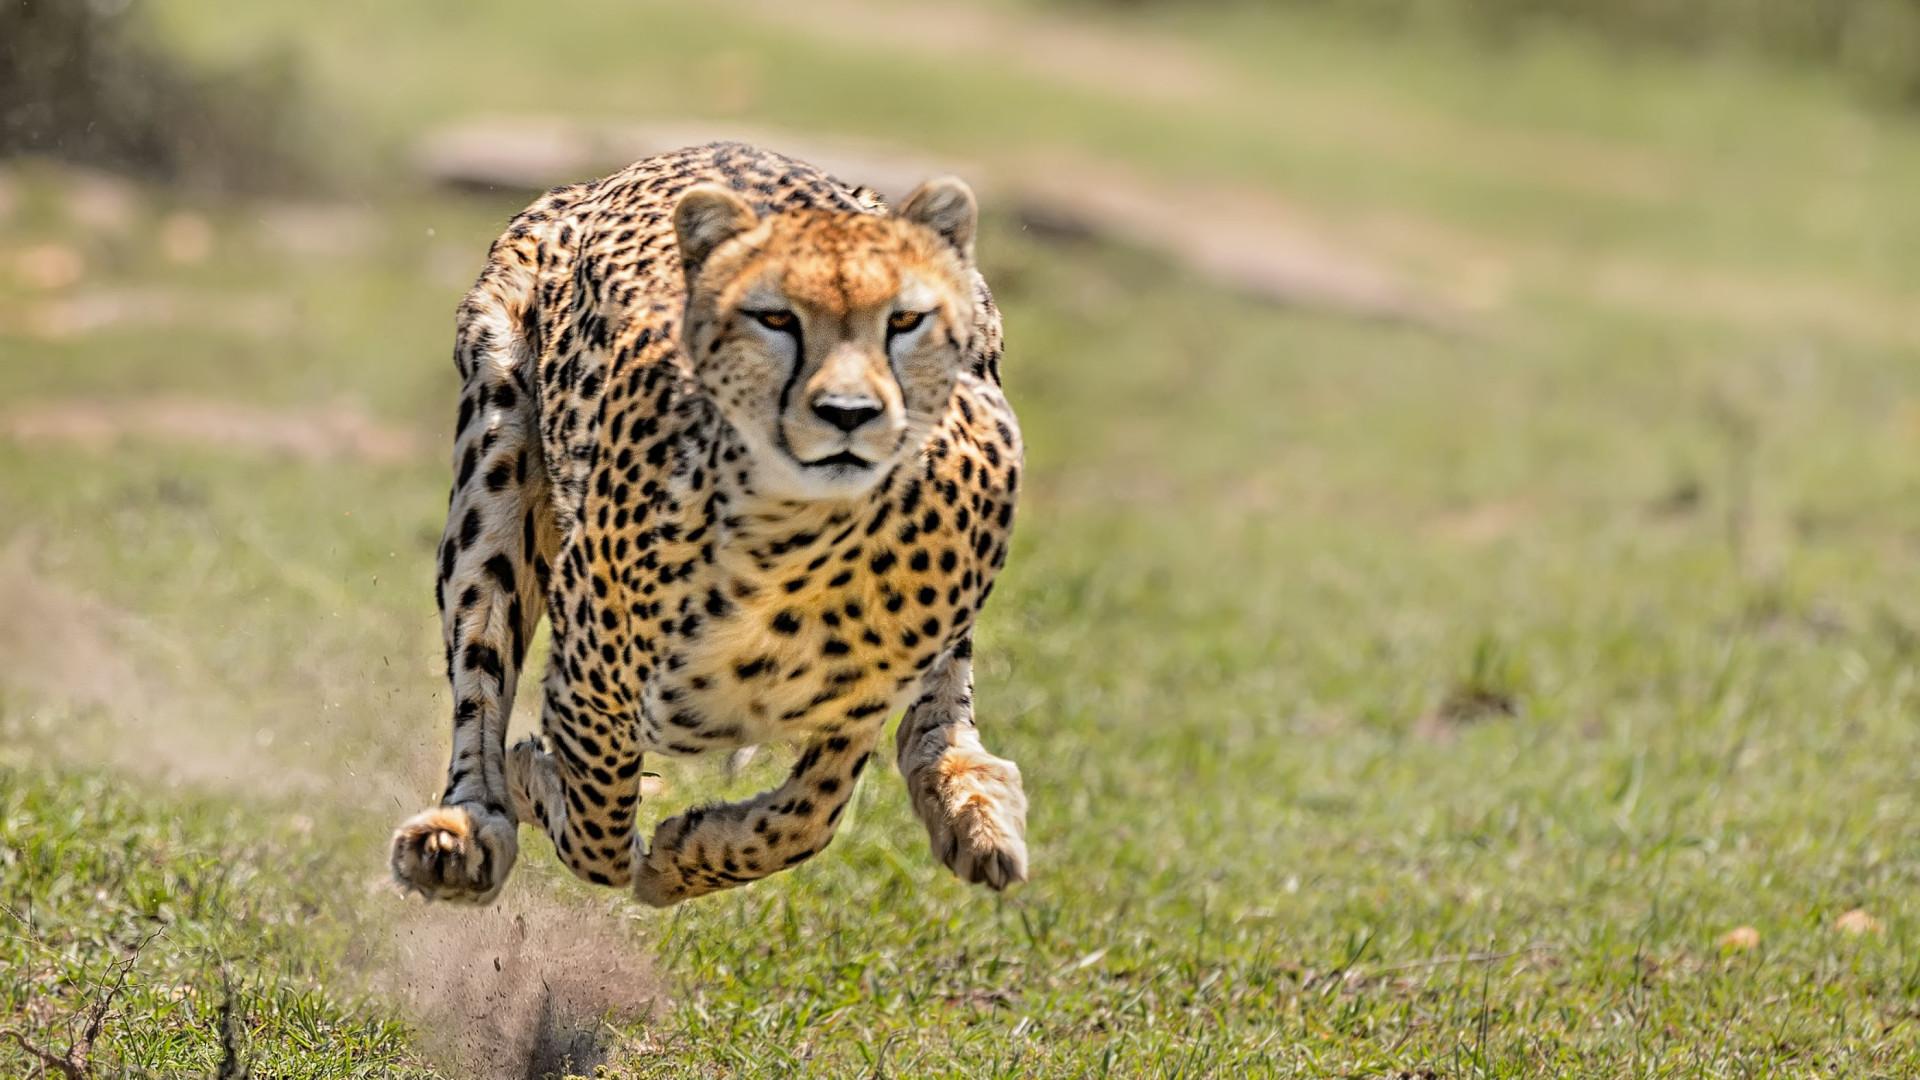 SABIA QUE a Chita é o animal mais rápido do mundo?